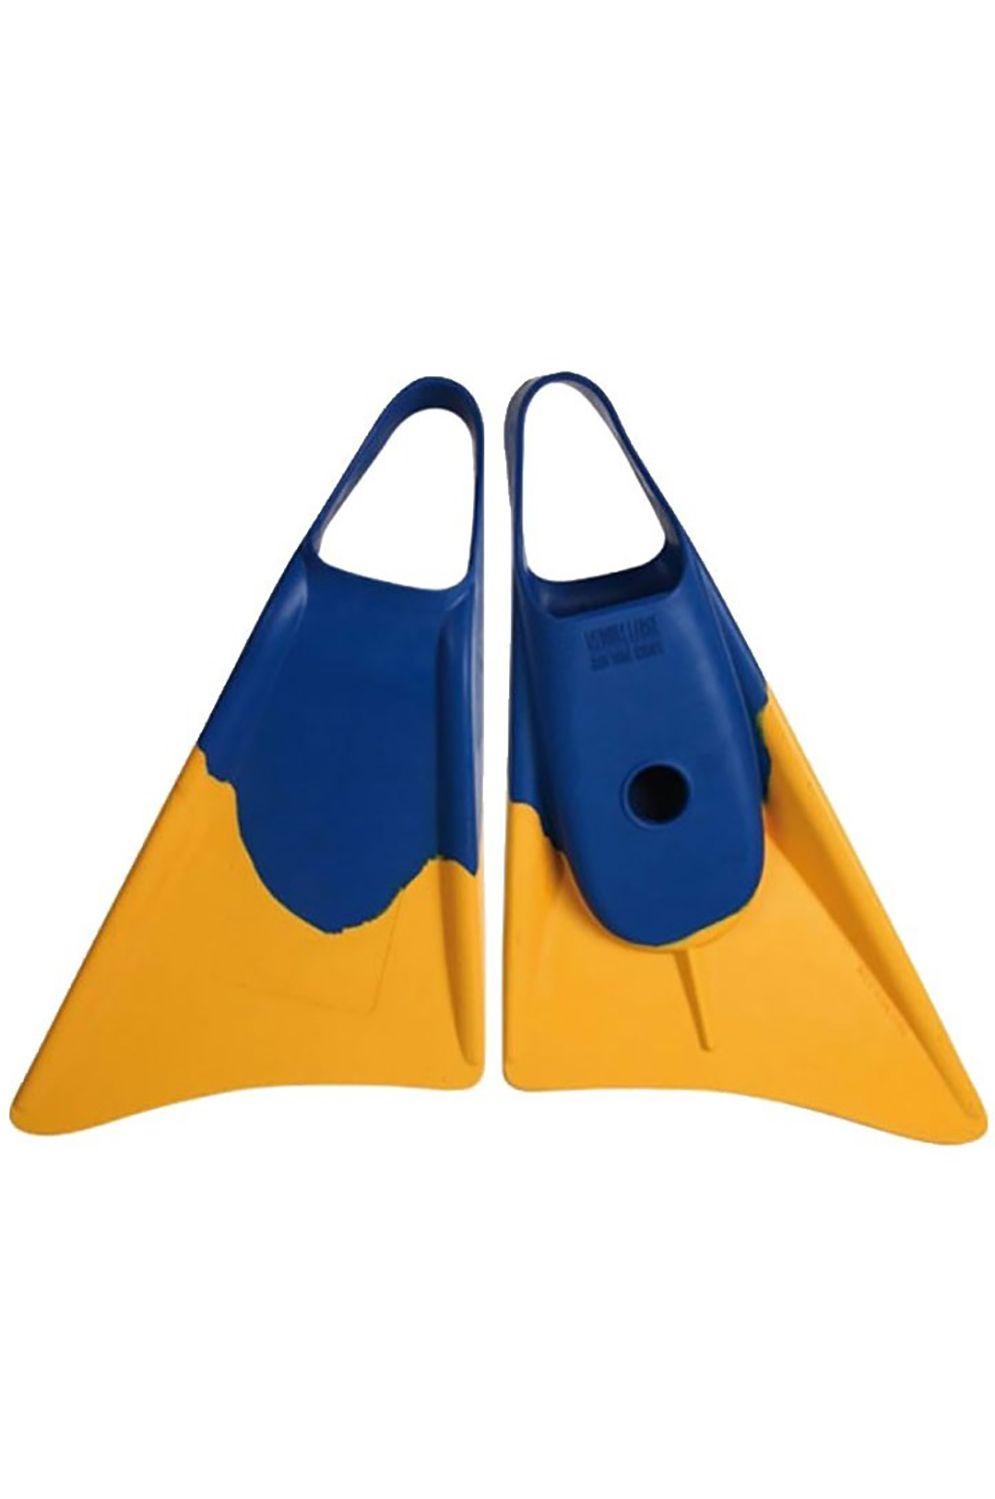 Weapon Bodyboard Fins SWINFINS Blue/Yellow